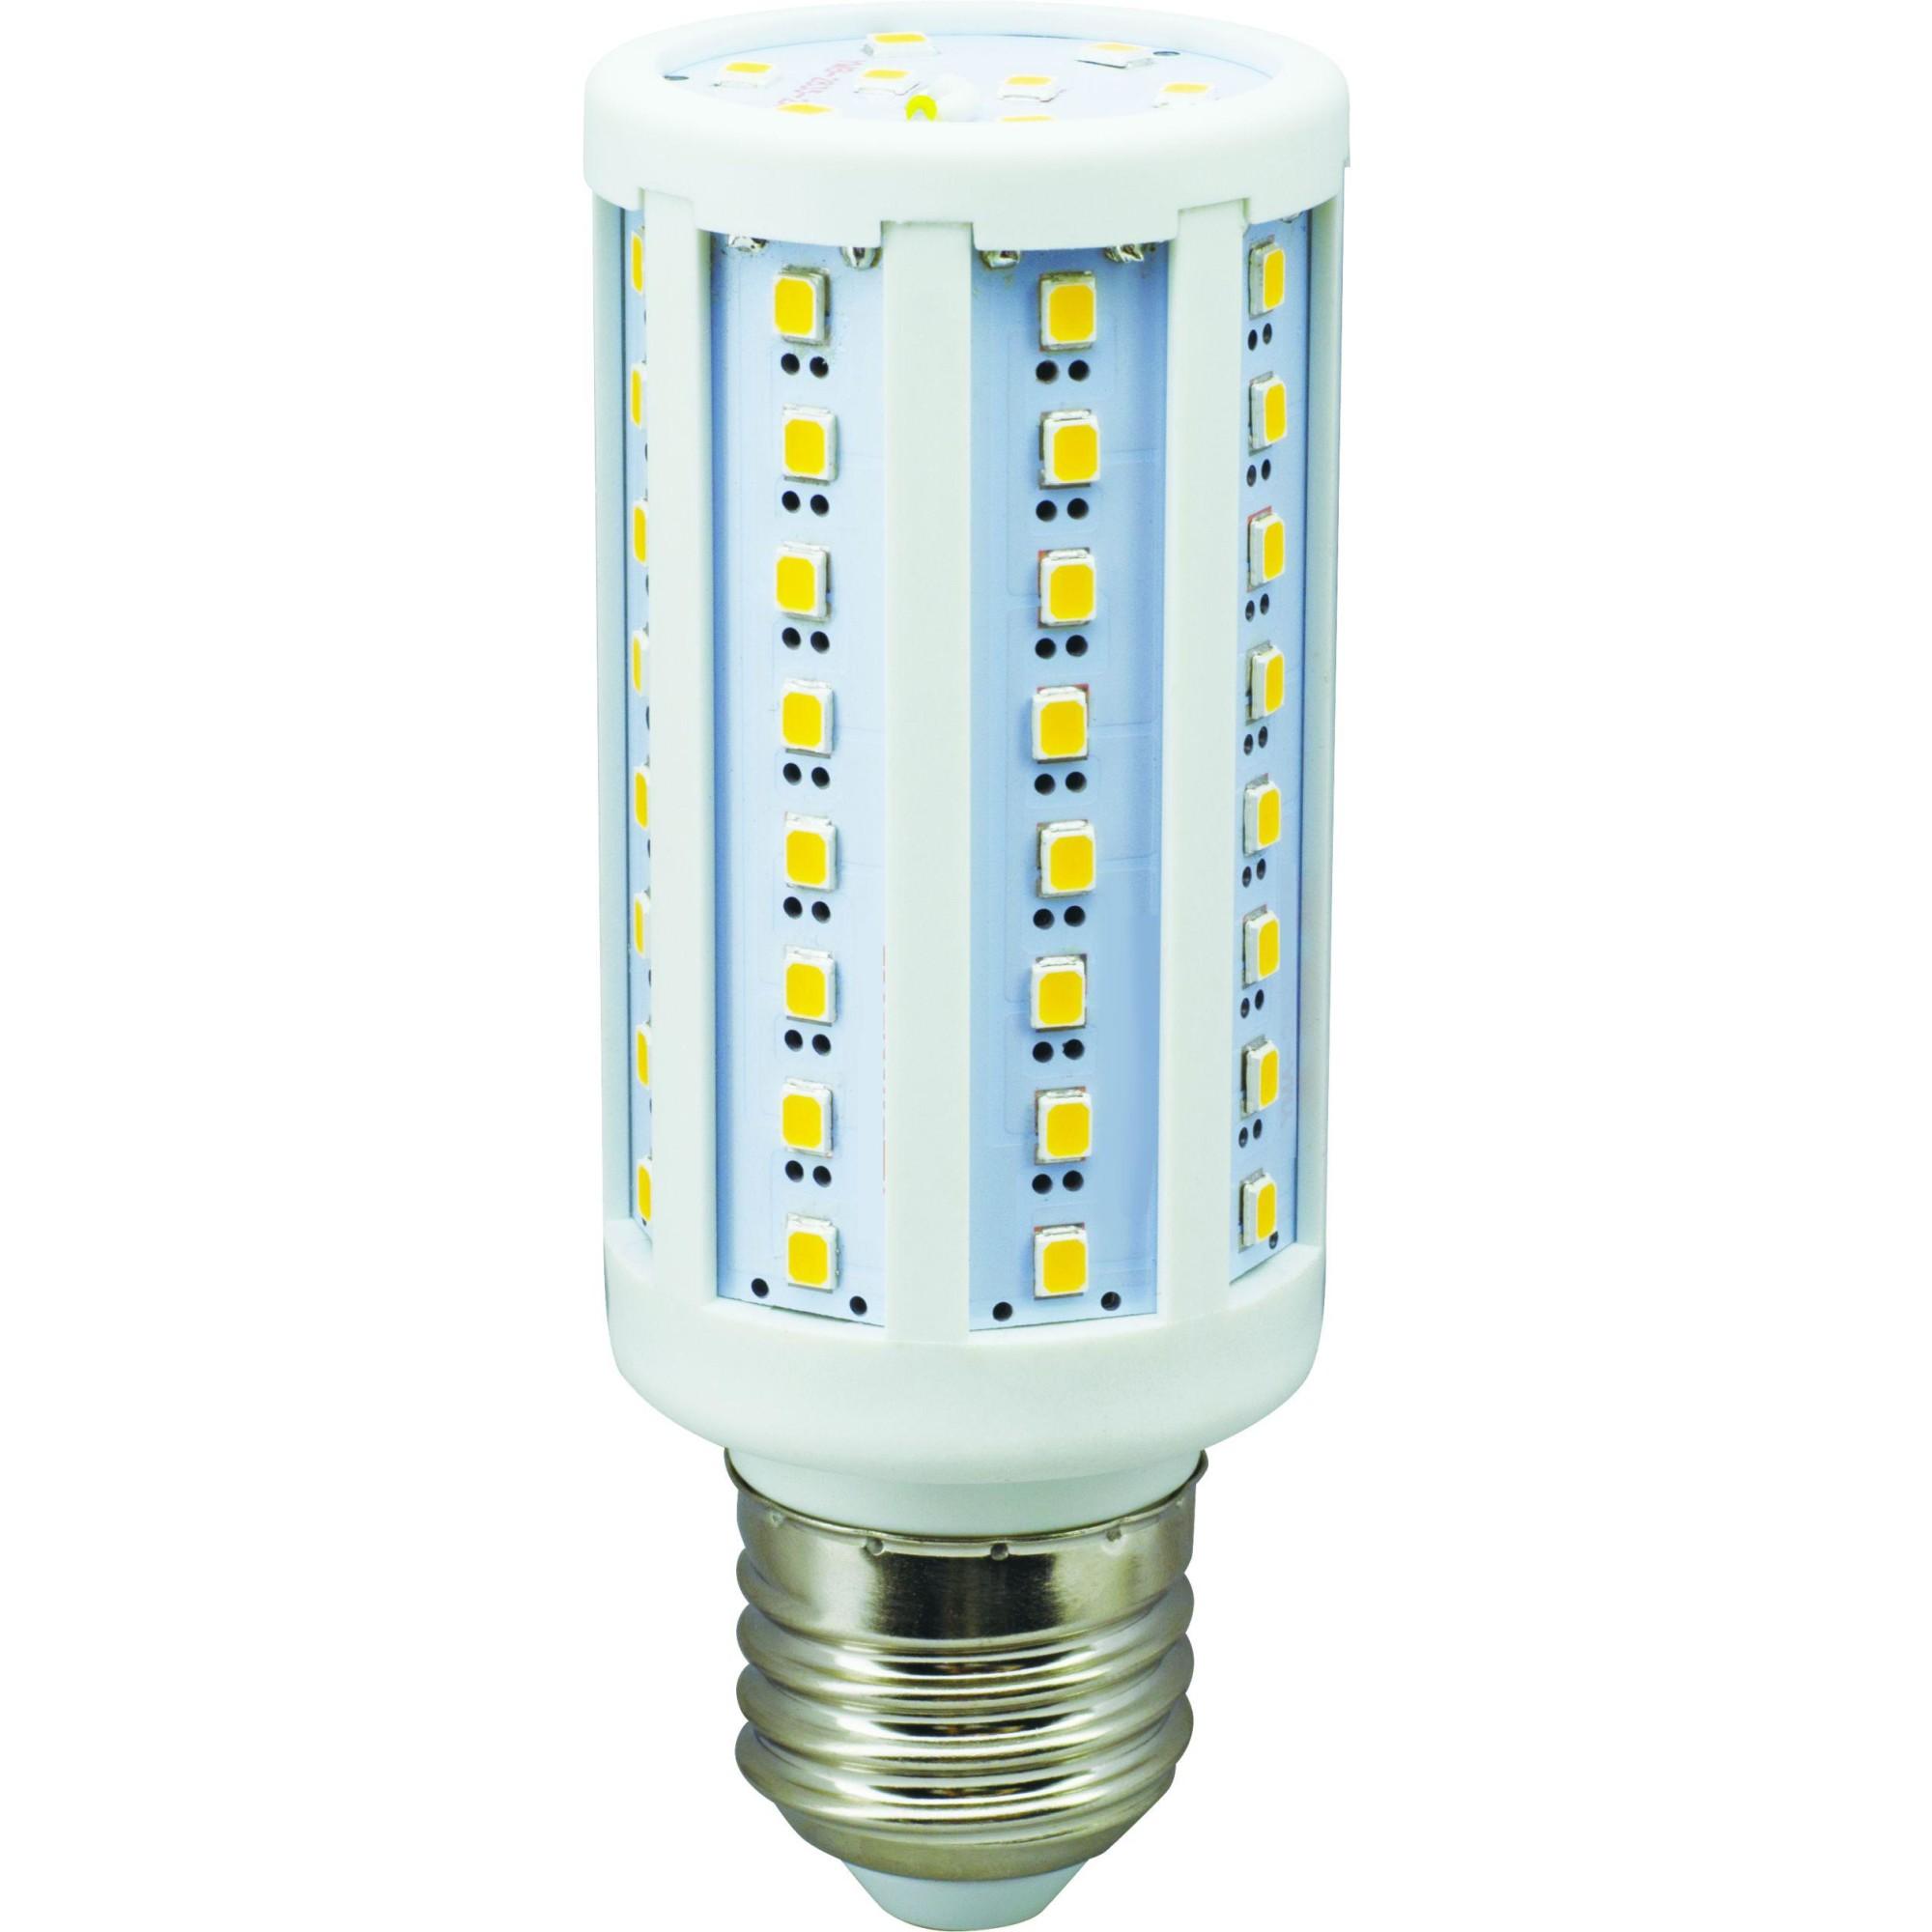 Лампа Ecola Premium светодионая E27 12 Вт кукуруза 1080 Лм теплый свет